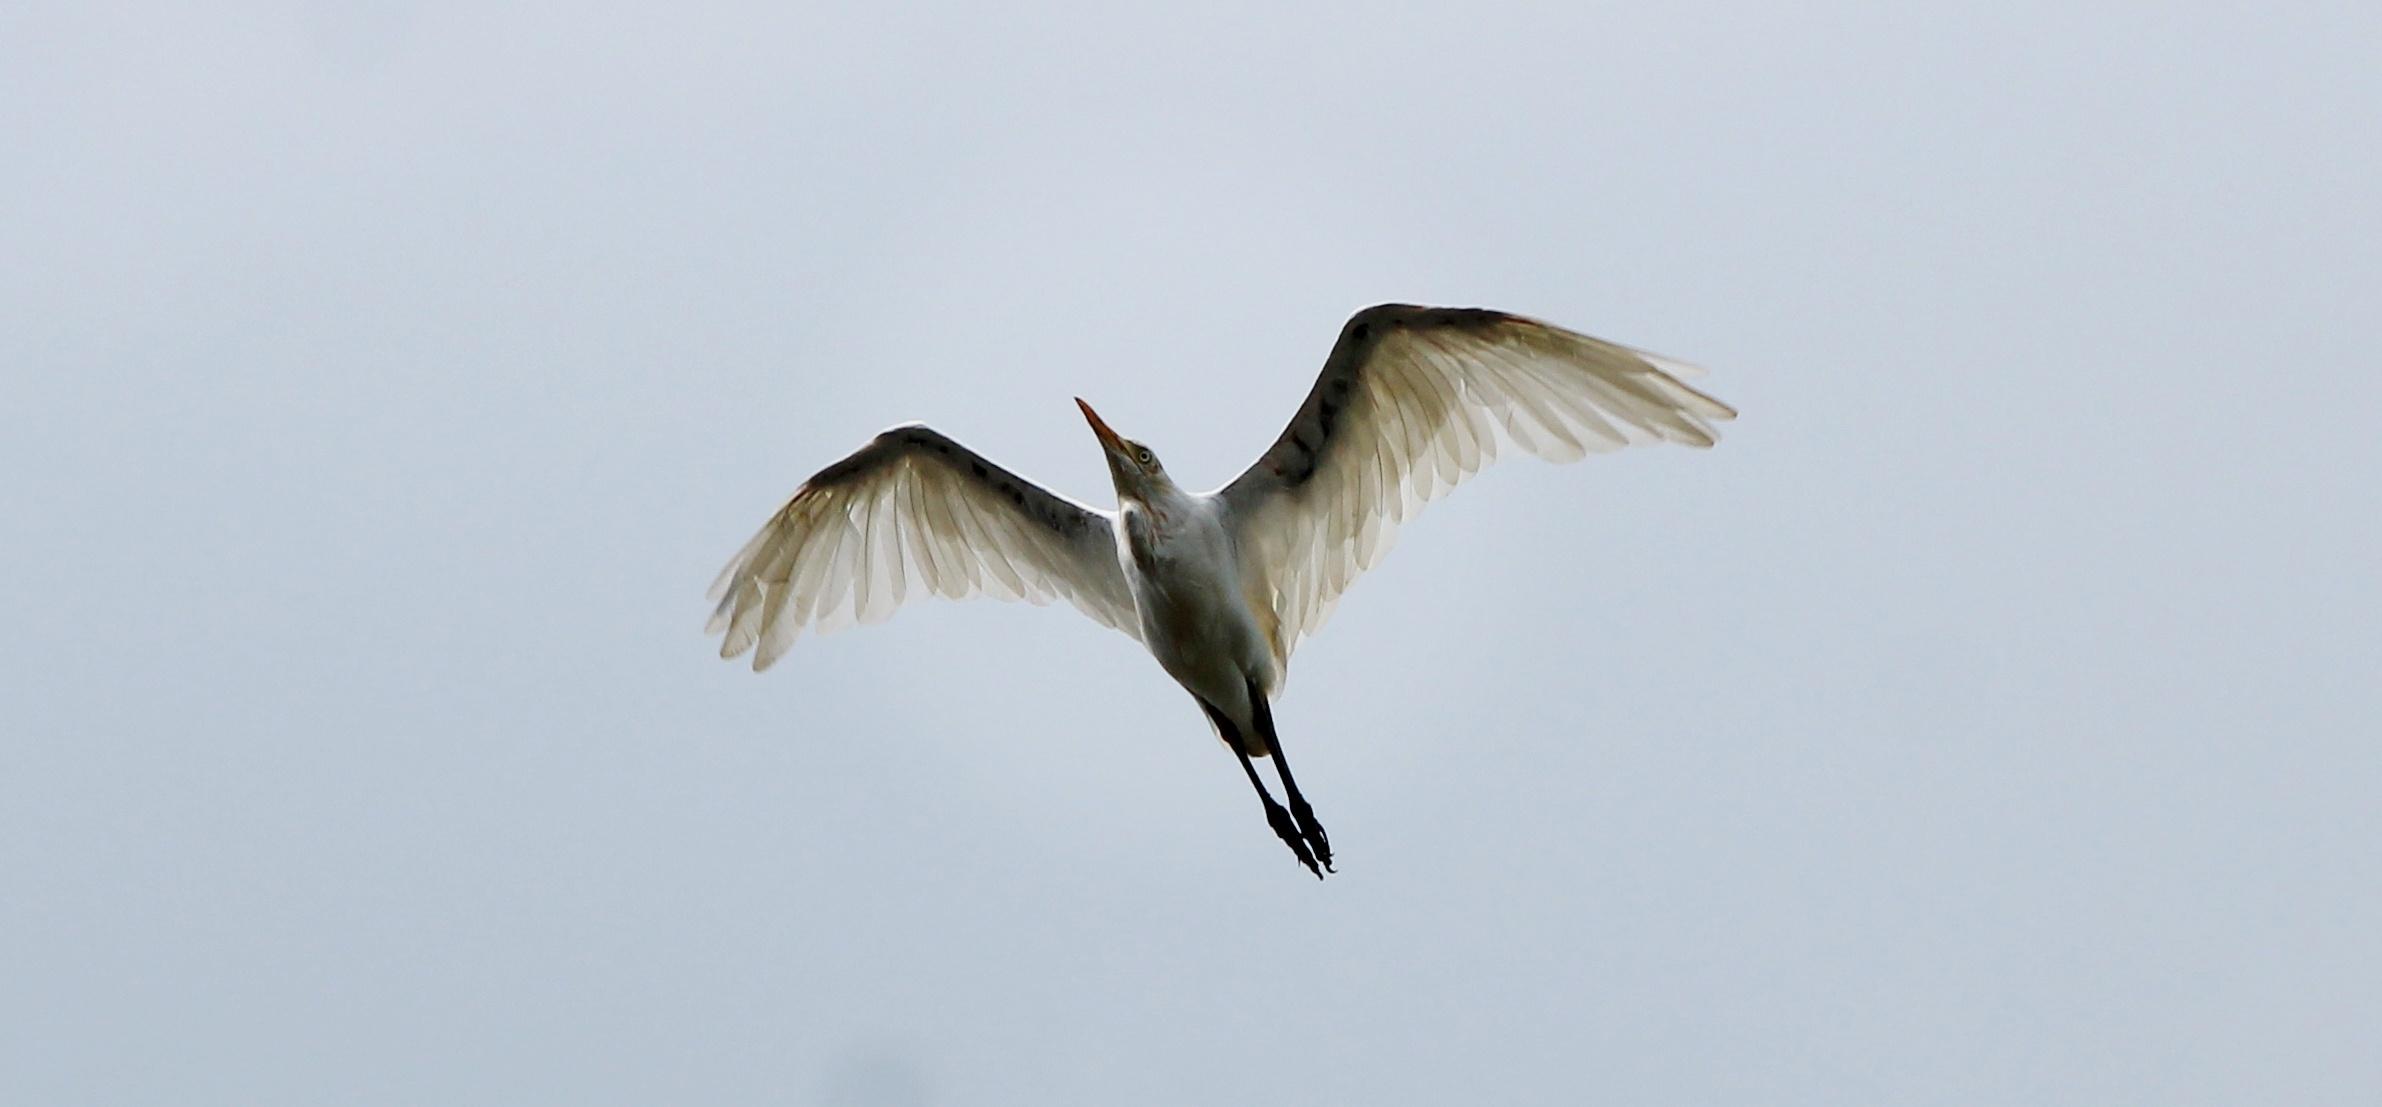 Gannet flying at the sky